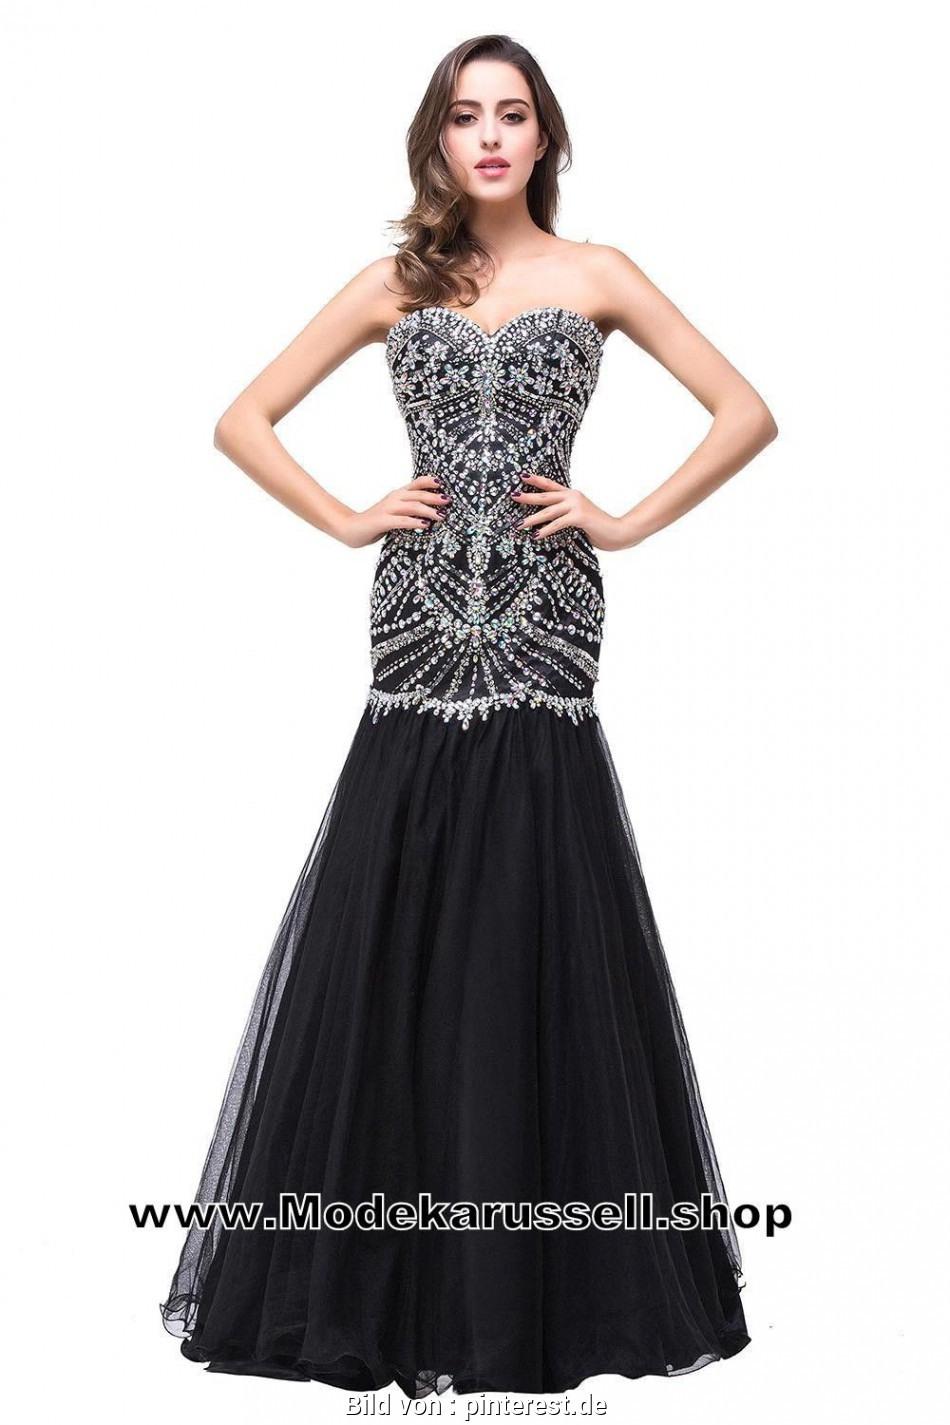 Abend Coolste Abendkleid Online Kaufen Vertrieb Elegant Abendkleid Online Kaufen Boutique